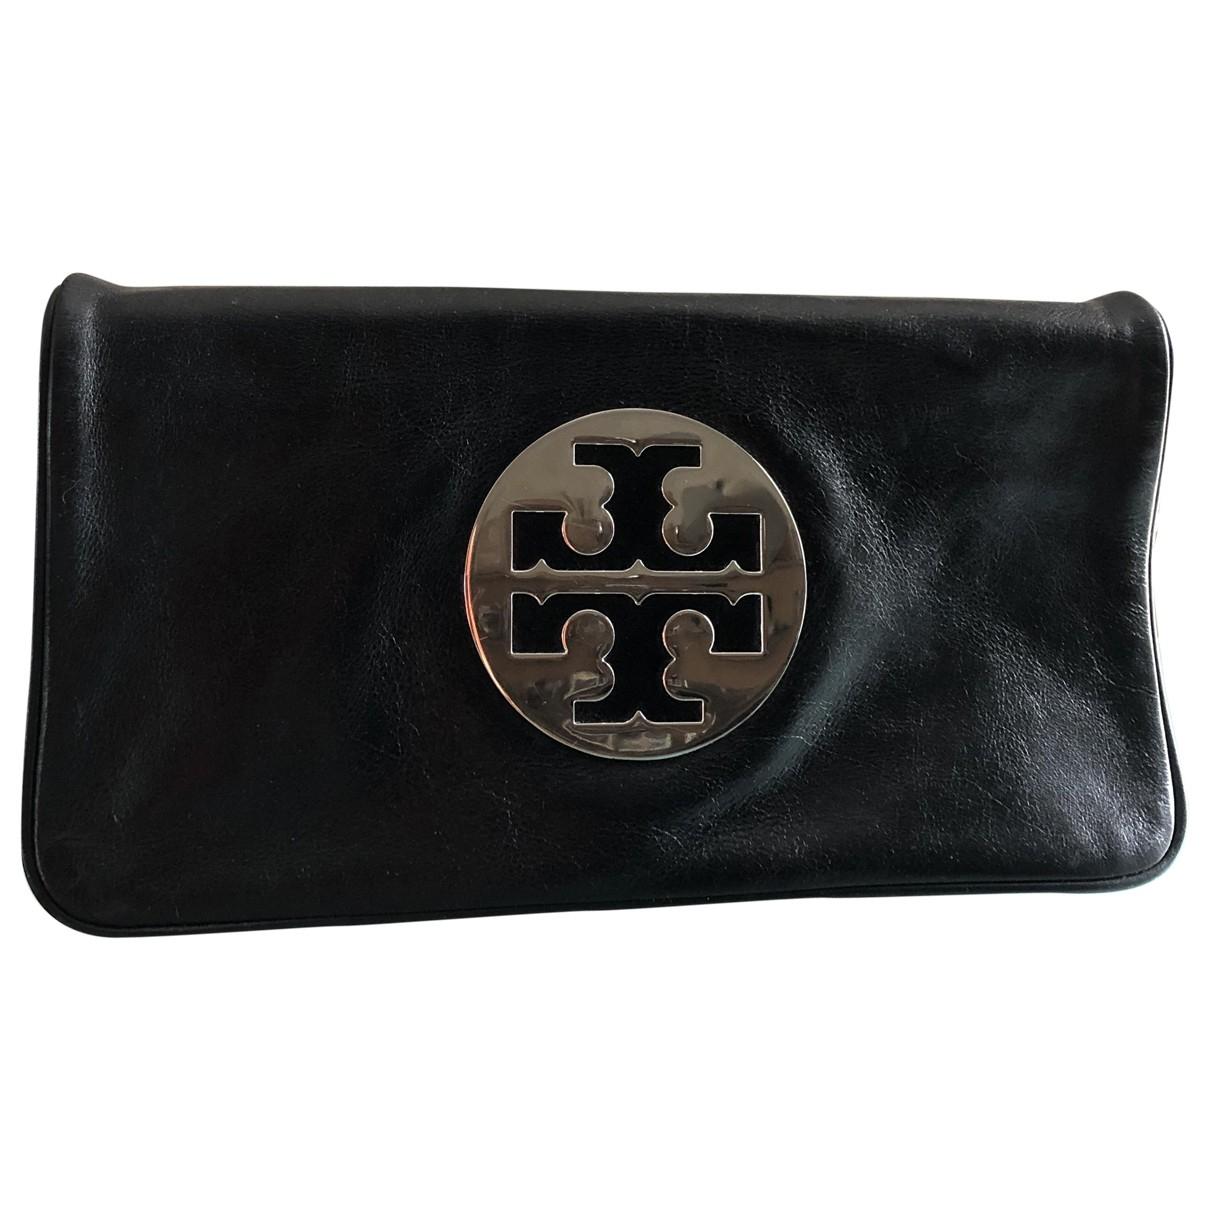 Tory Burch - Pochette   pour femme en cuir - noir